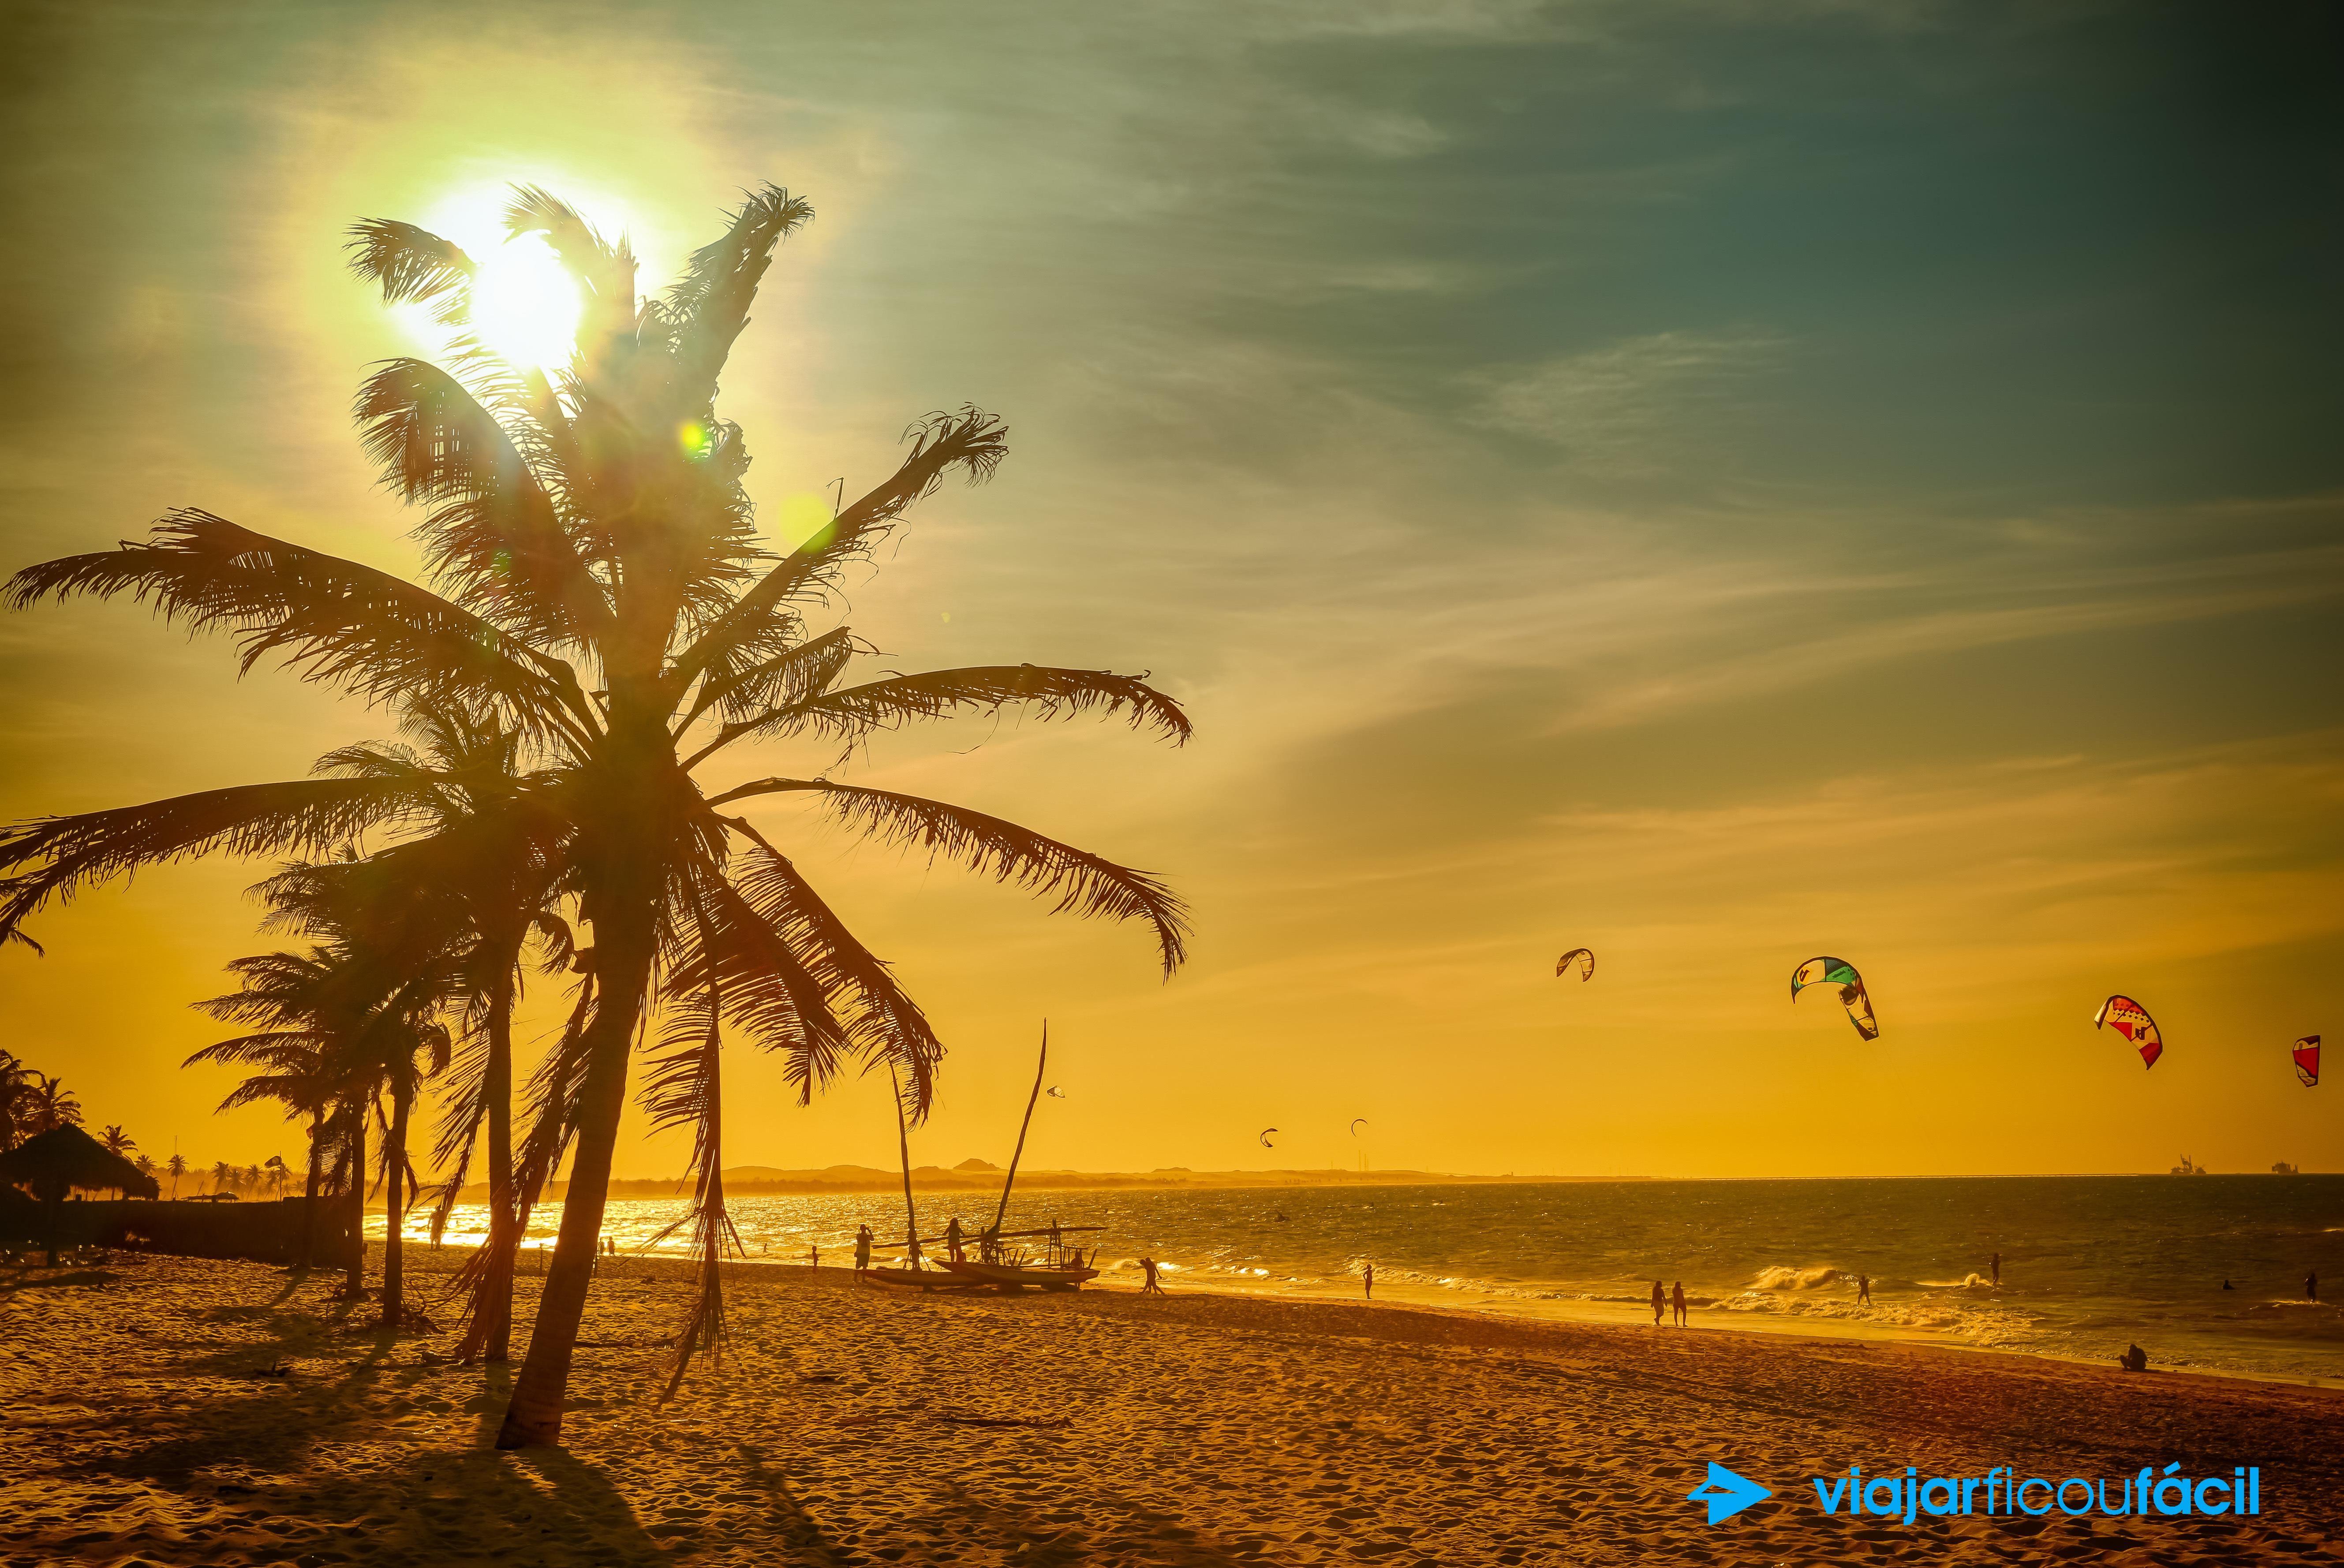 ac32b84c064 Fortaleza é um espetáculo natural em terras nacionais. Se você não tivesse  a chance de fazer nenhum outro passeio